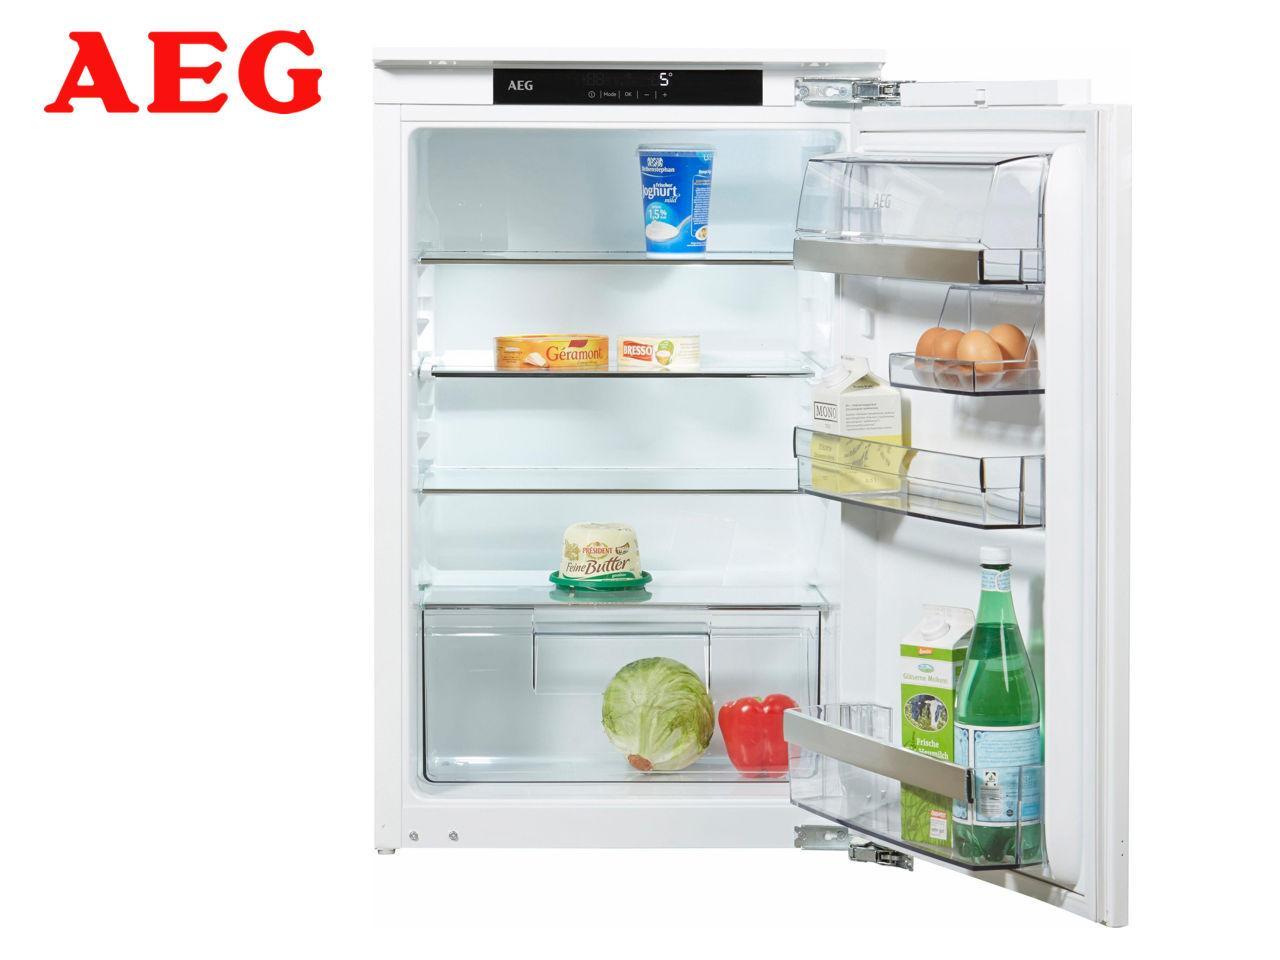 AEG SKE88841AC + 400 Kč na dárky nebo další nákup | CHAT on-line podpora PO-PÁ 8-22.00!!